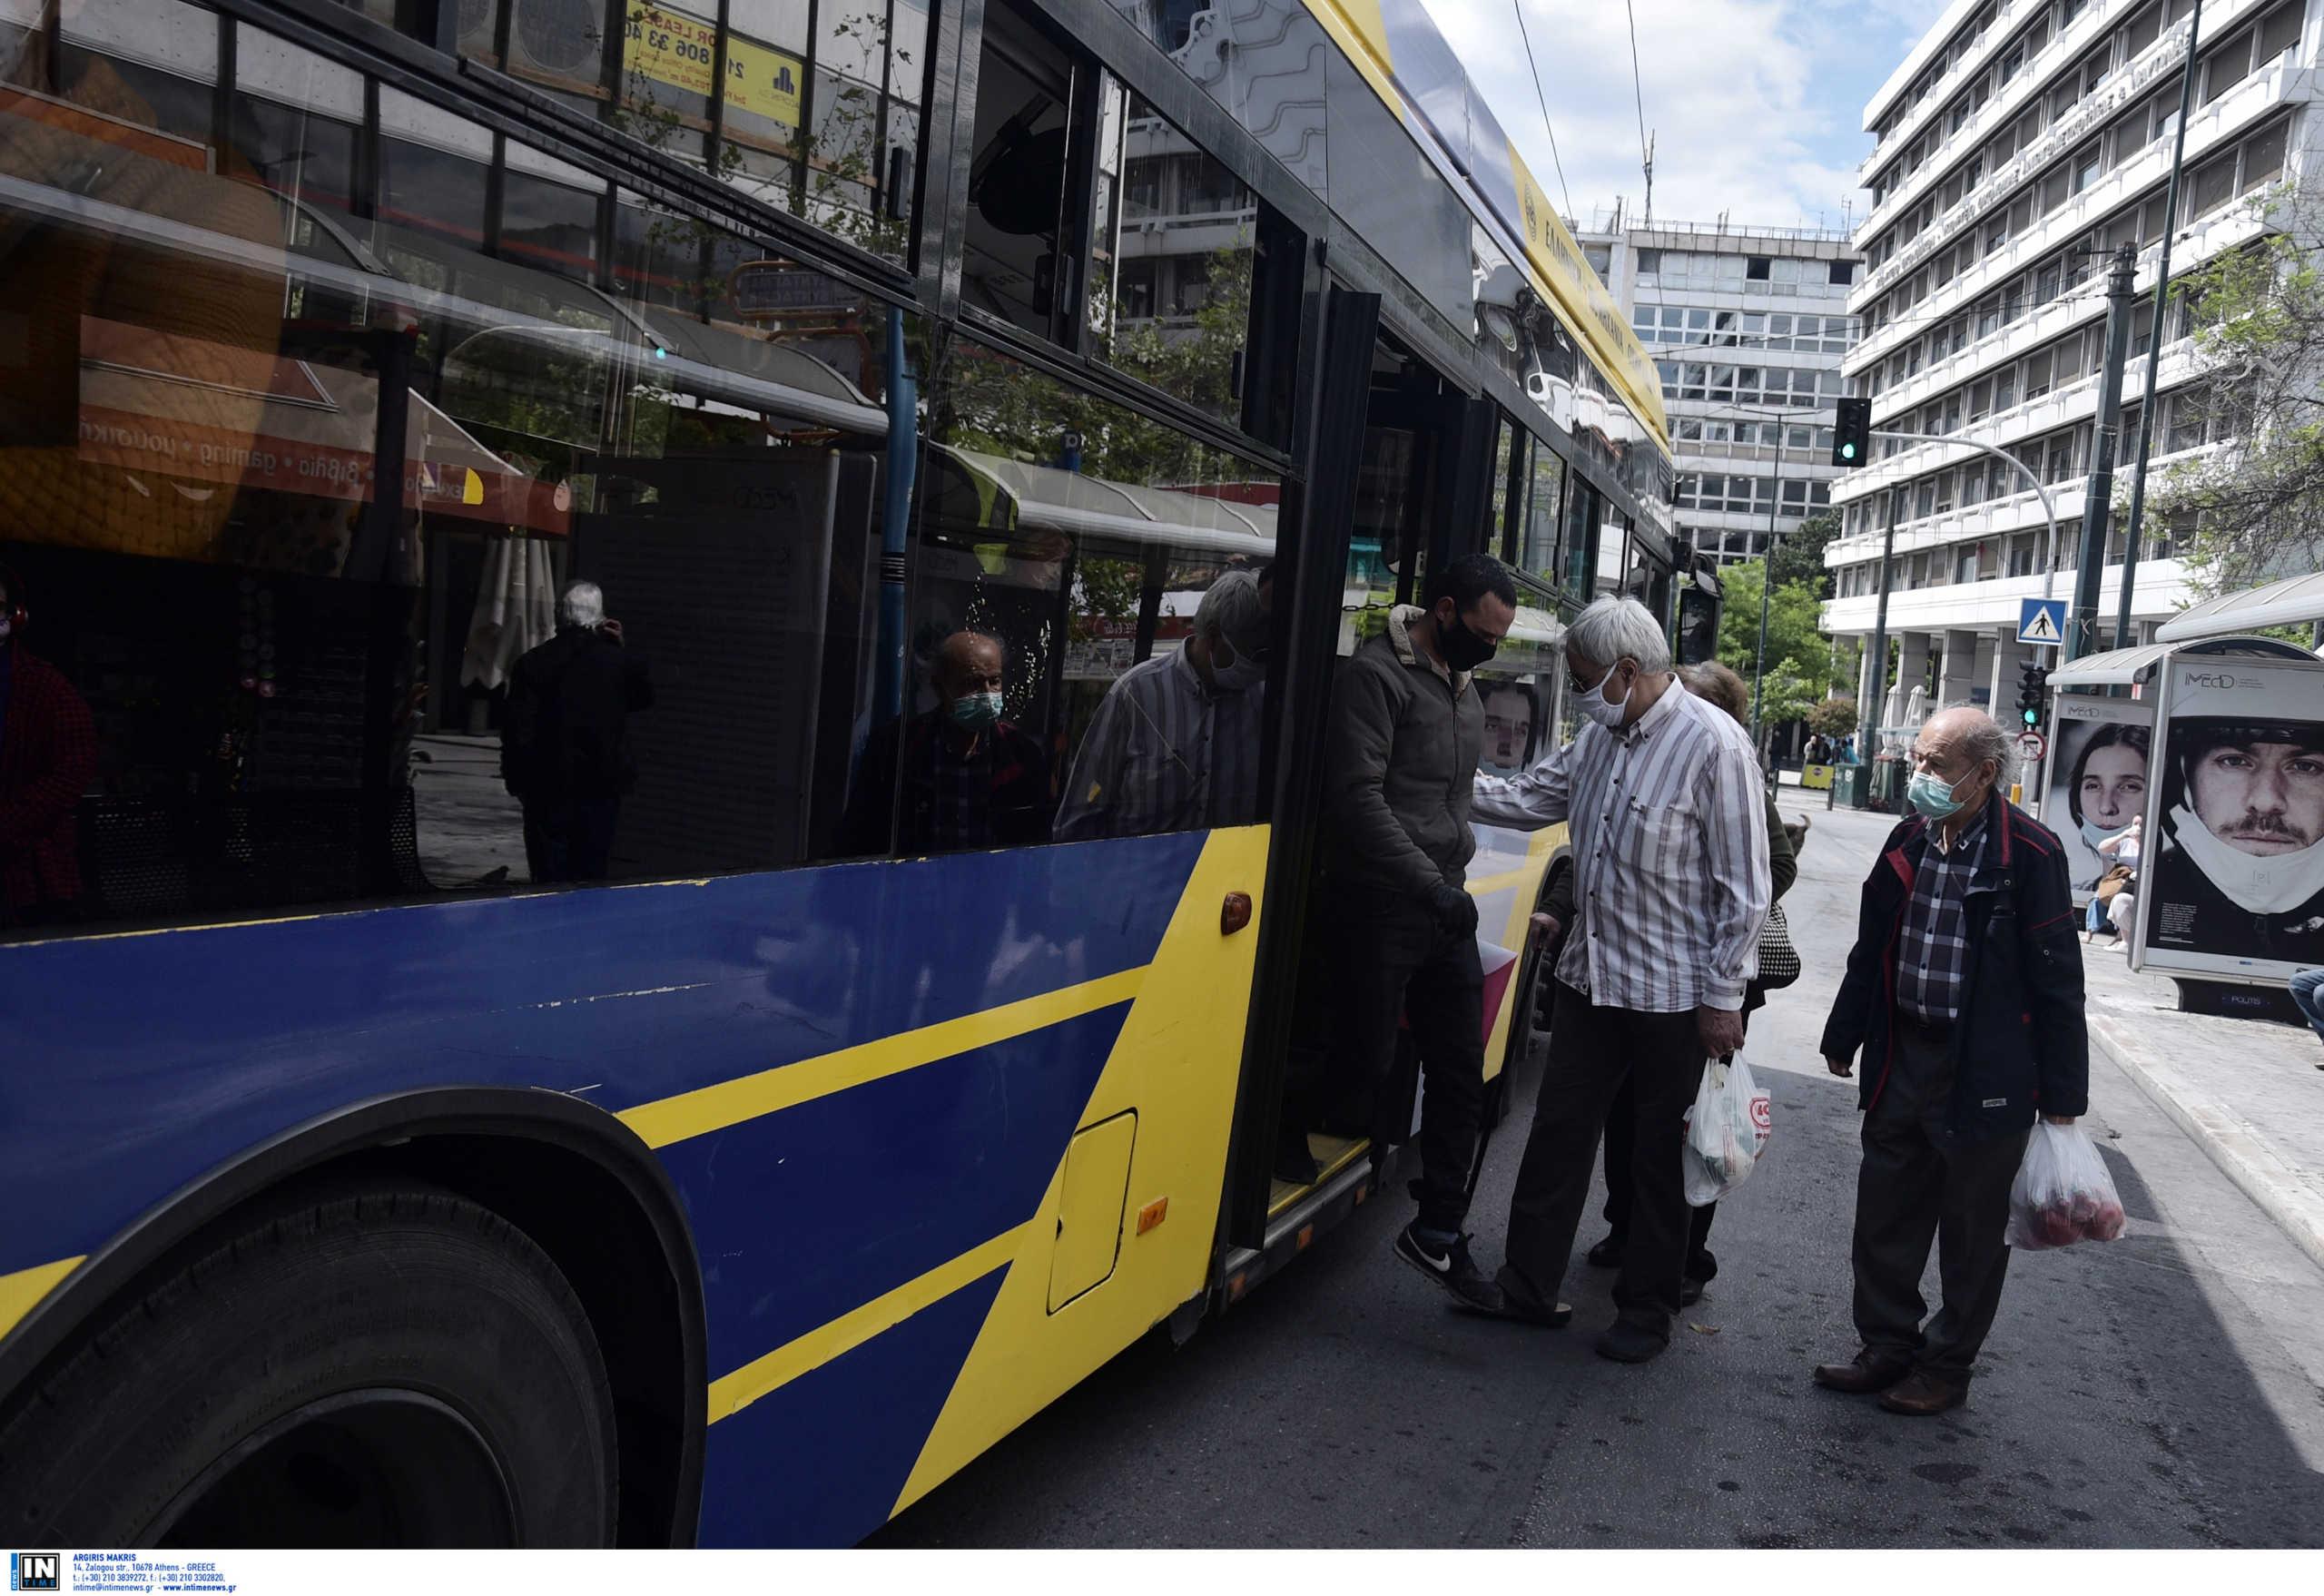 Το τέλος της καραντίνας έφερε αύξηση 82% της επιβατικής κίνησης στα μέσα μεταφοράς